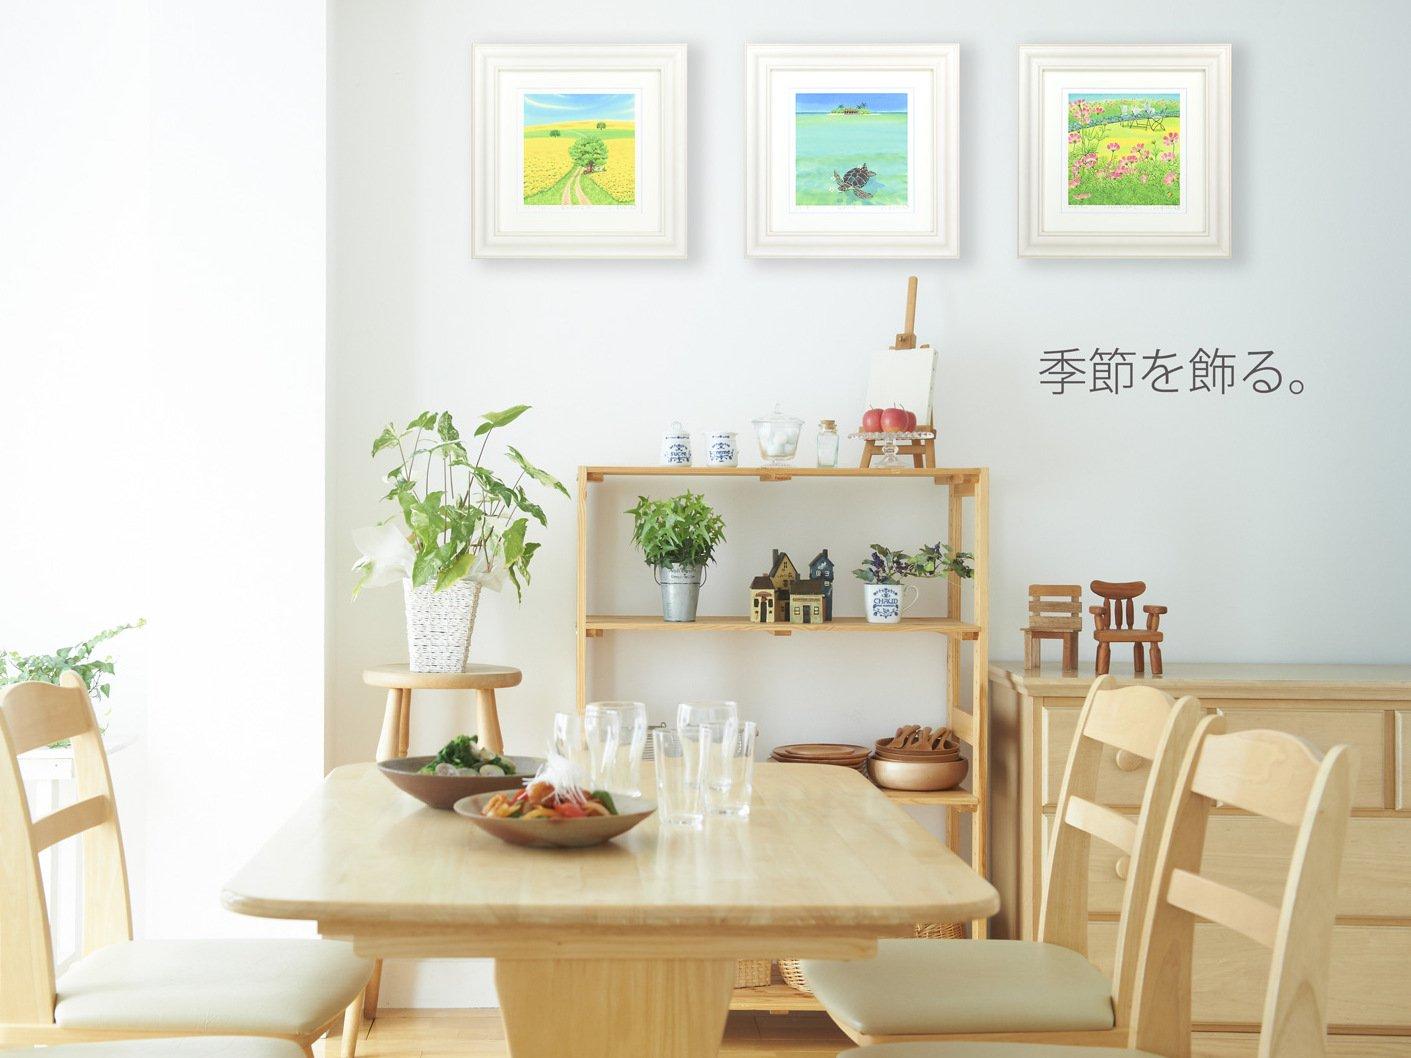 《絵画》【ゆうパケット】ミニゲル アートフレーム スタジオ ロフィーノ「スケッチブック デイズ3」